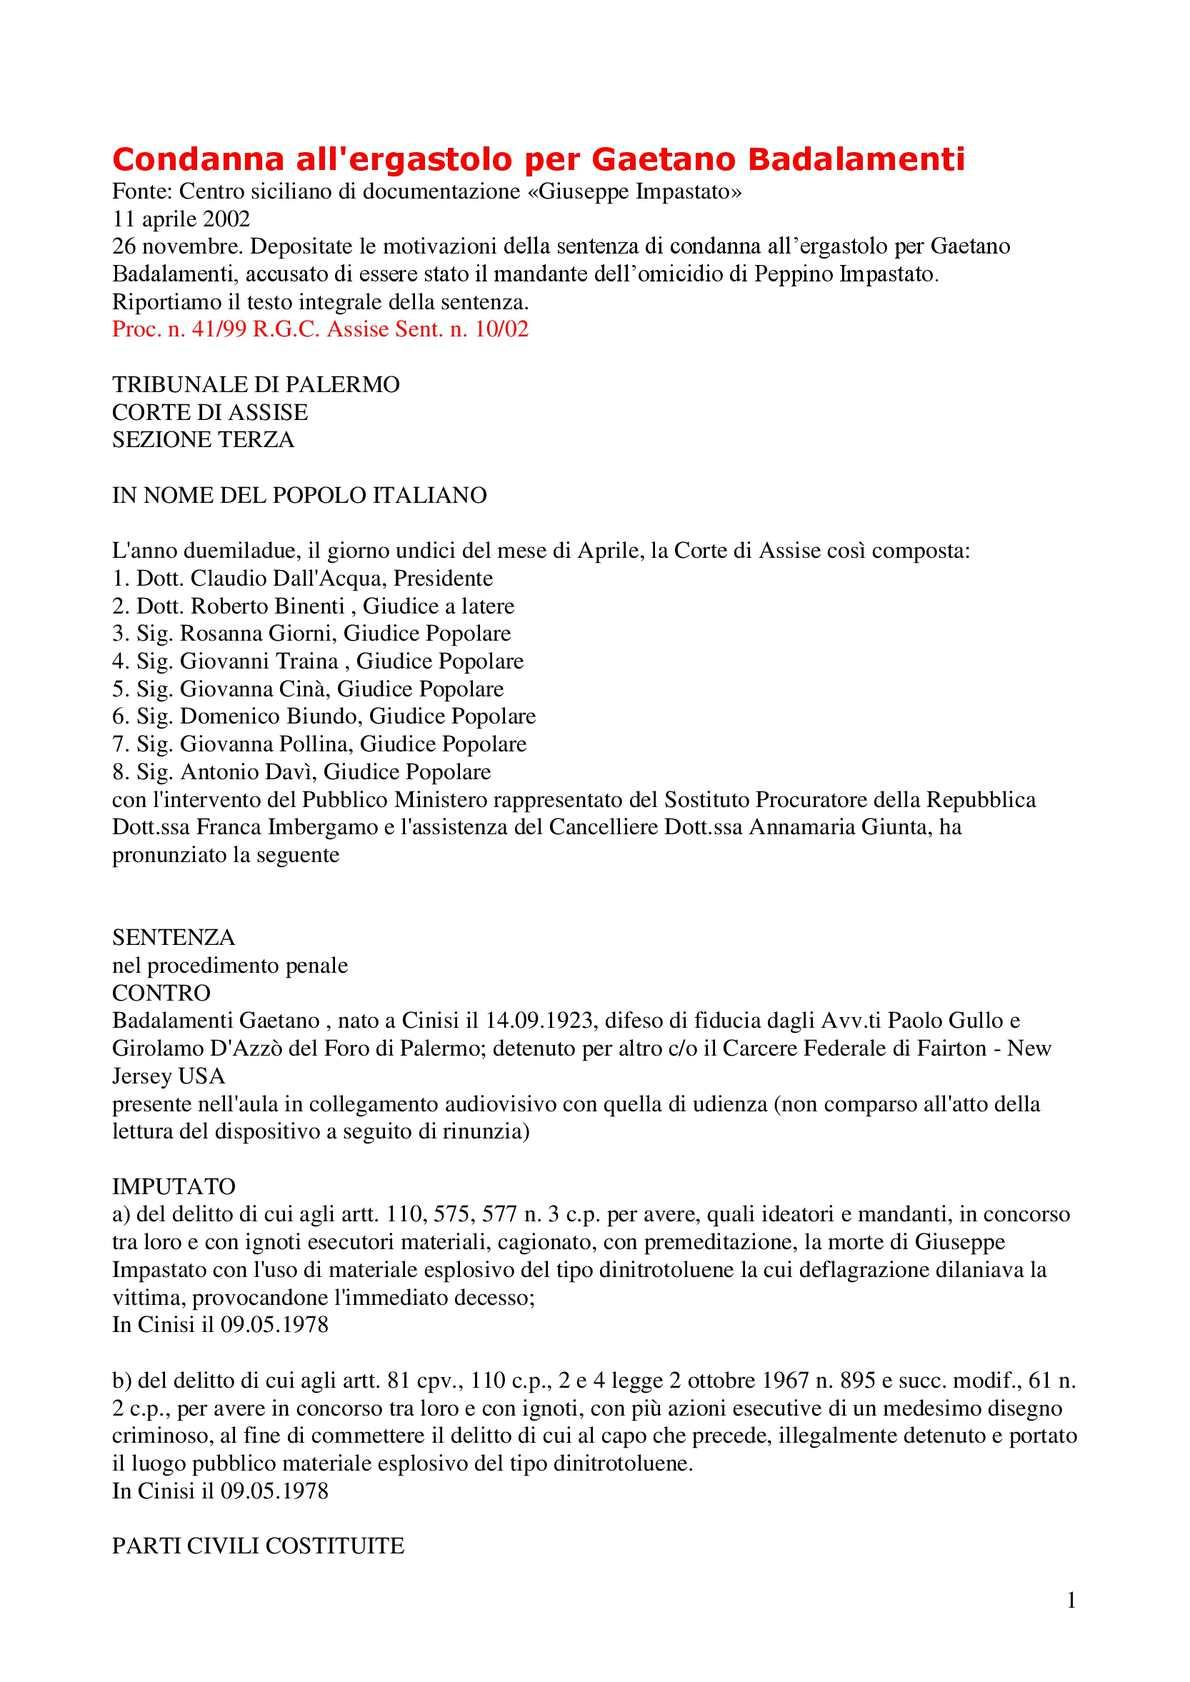 CONDANNA ALL'ERGASTOLO A CARICO DI GAETANO BADALAMENTI PER L'OMICIDIO DI PEPPINO IMPASTATO (1).